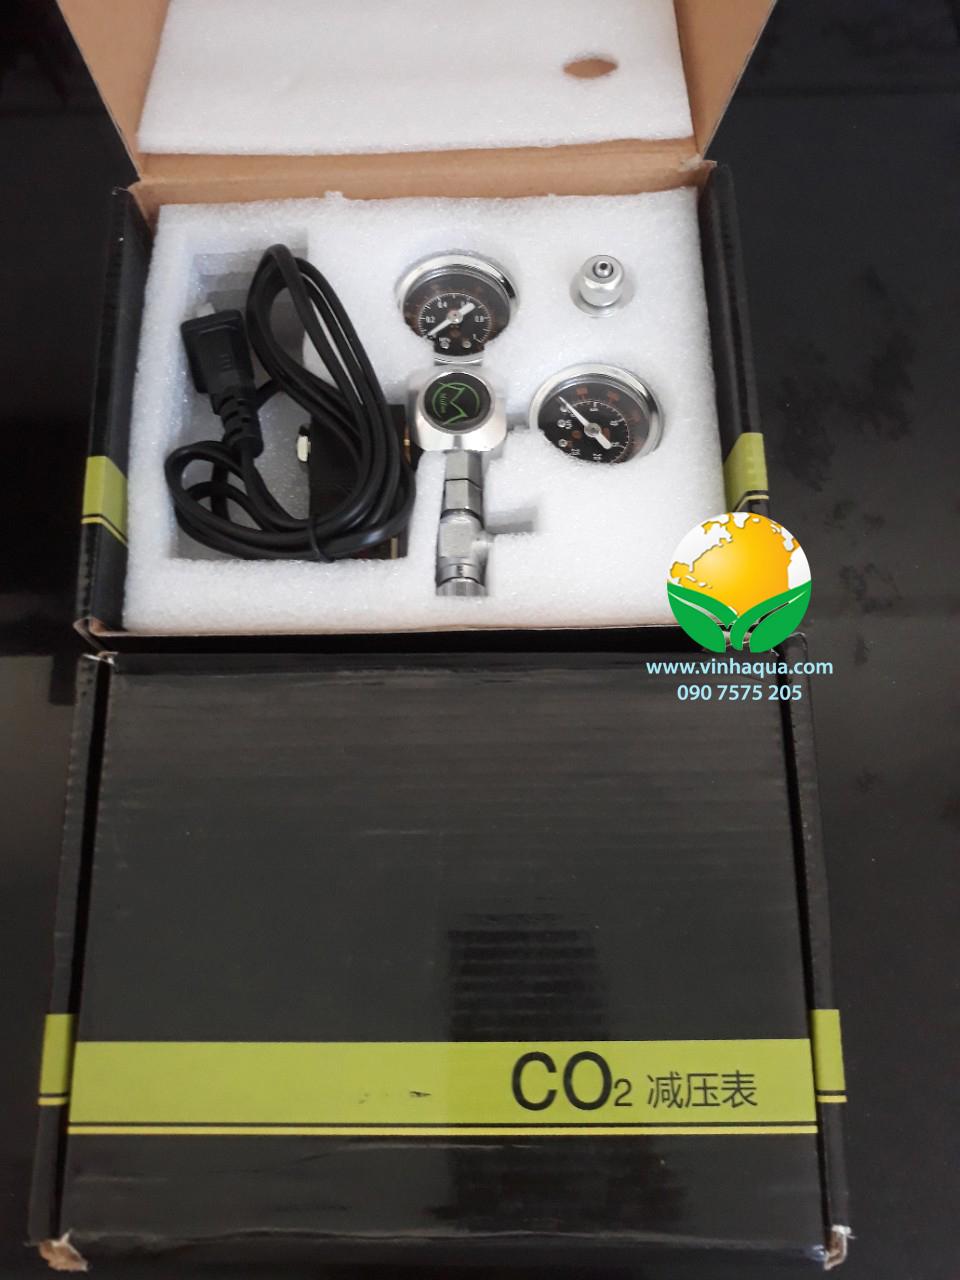 Van điện Mufan chỉnh CO2 tự động